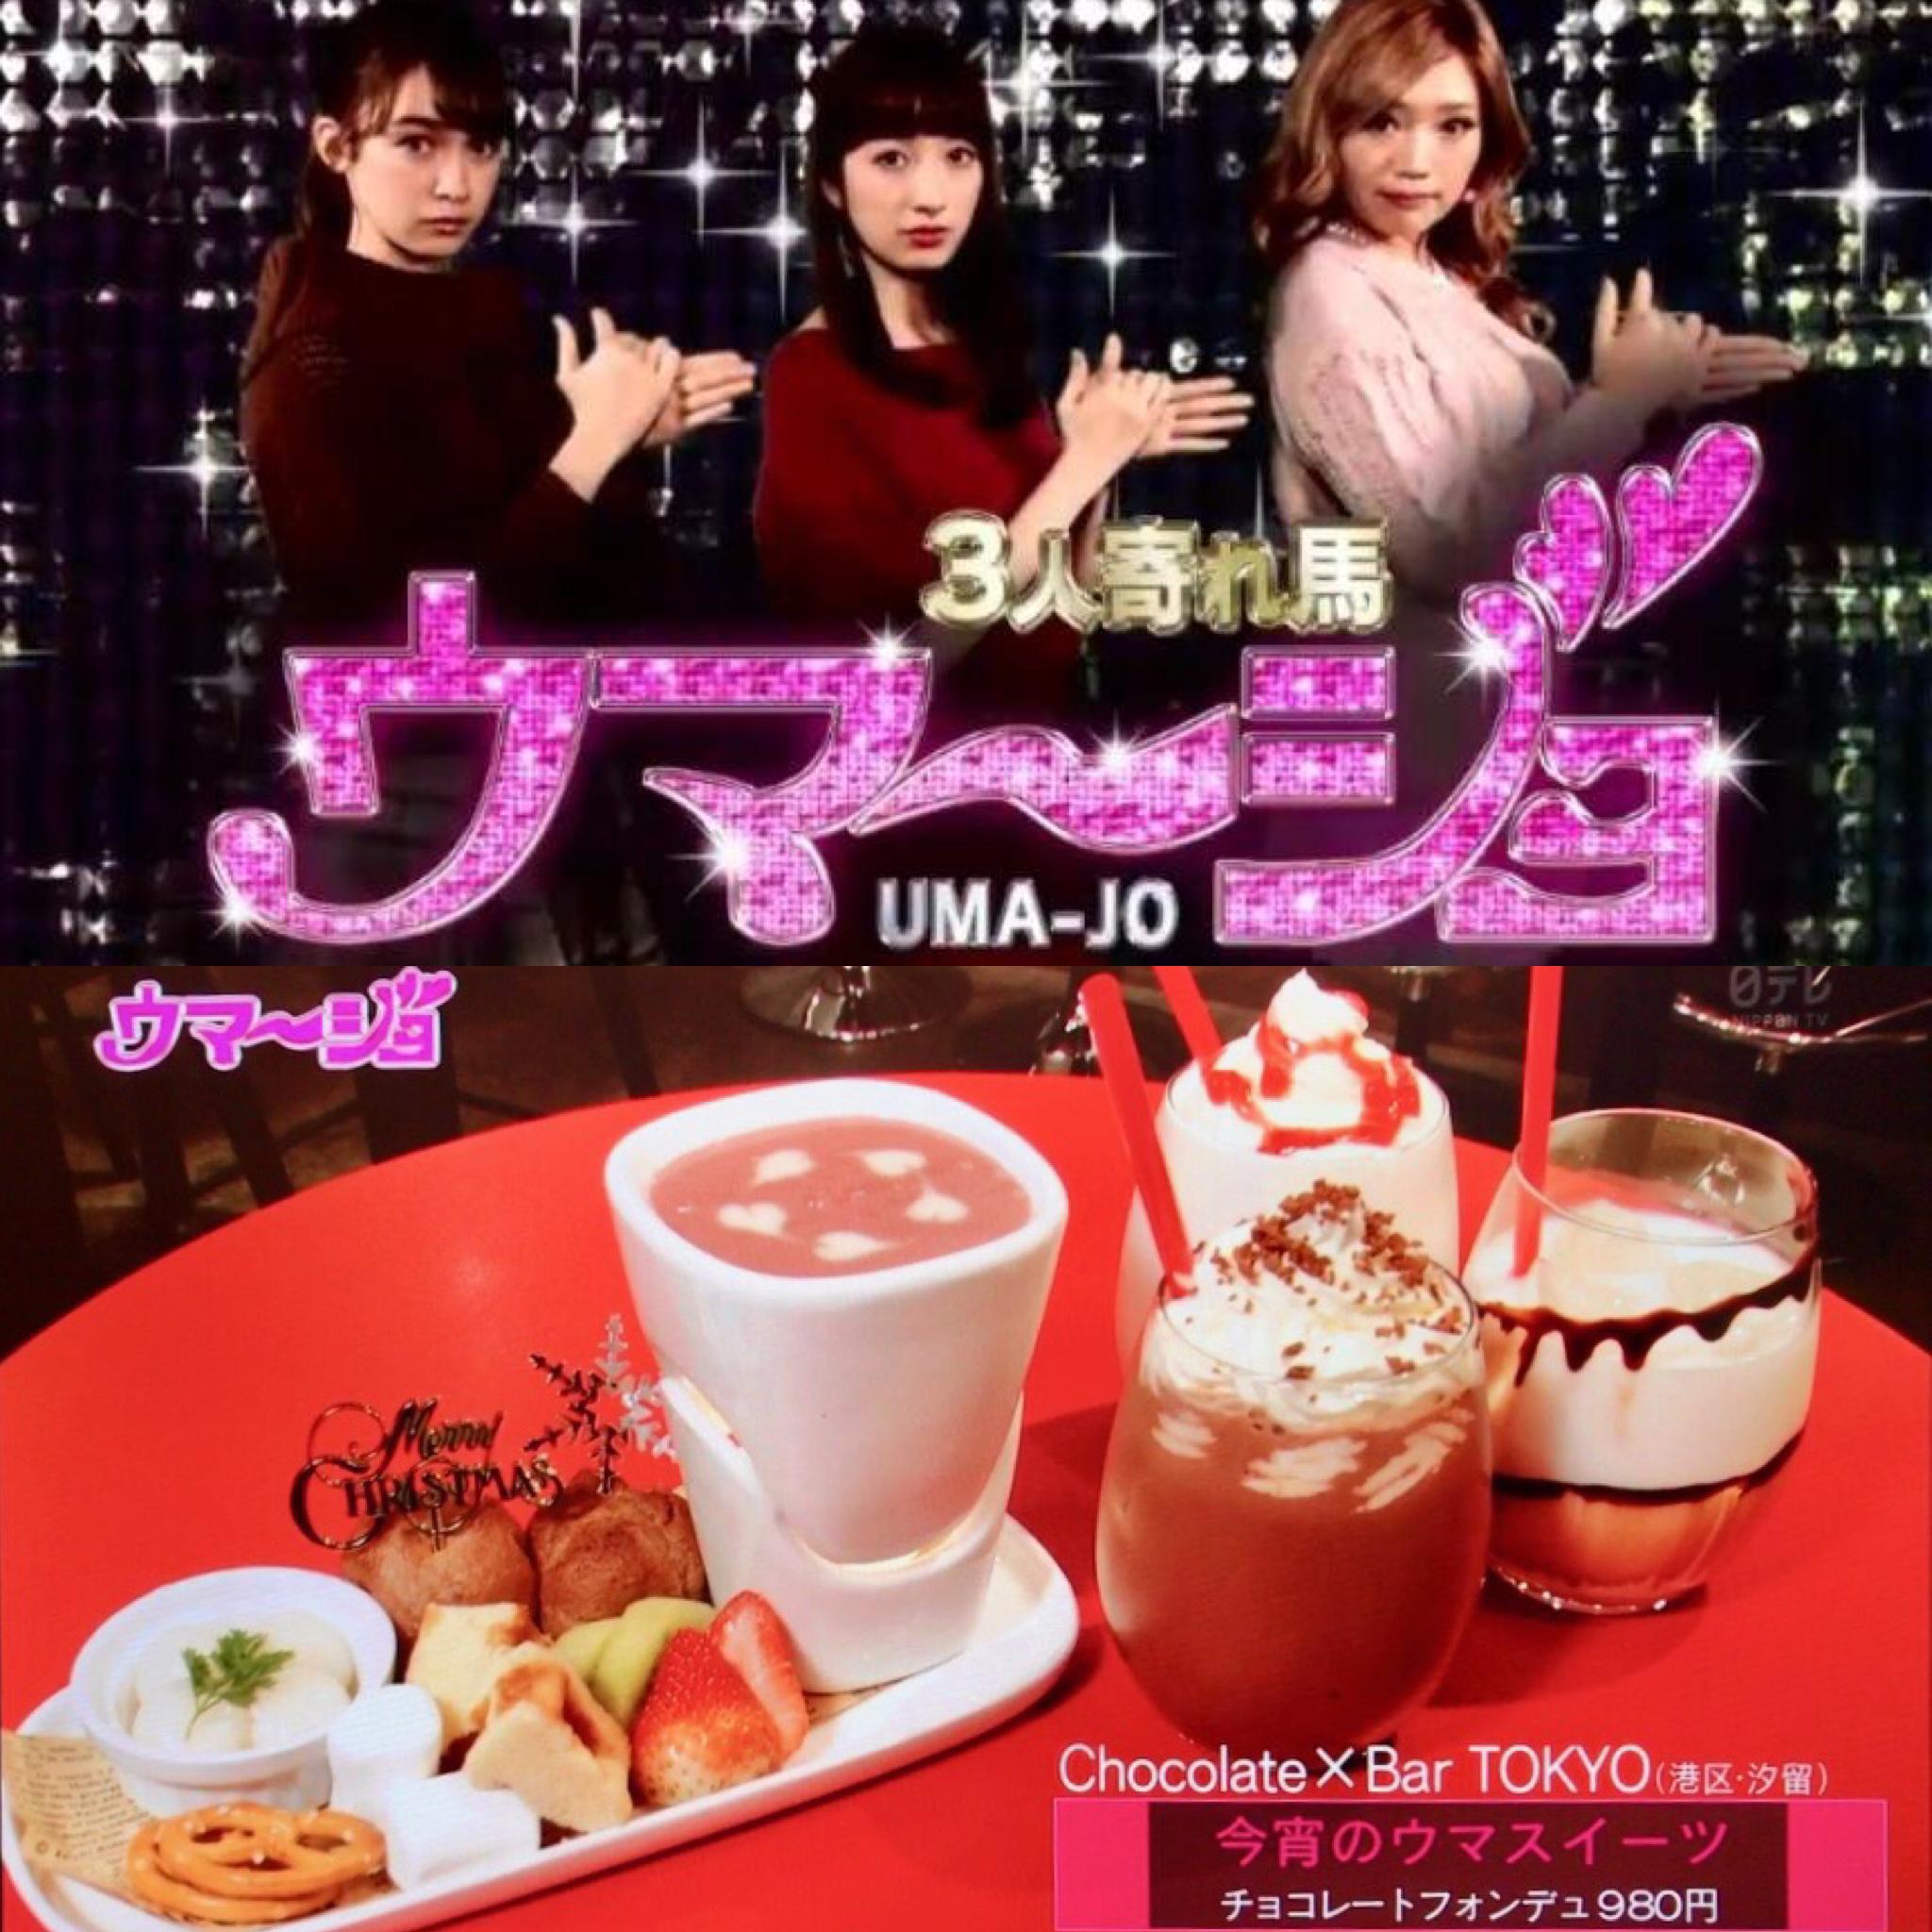 チョコレートバー東京 日本テレビ「ウマージョ」